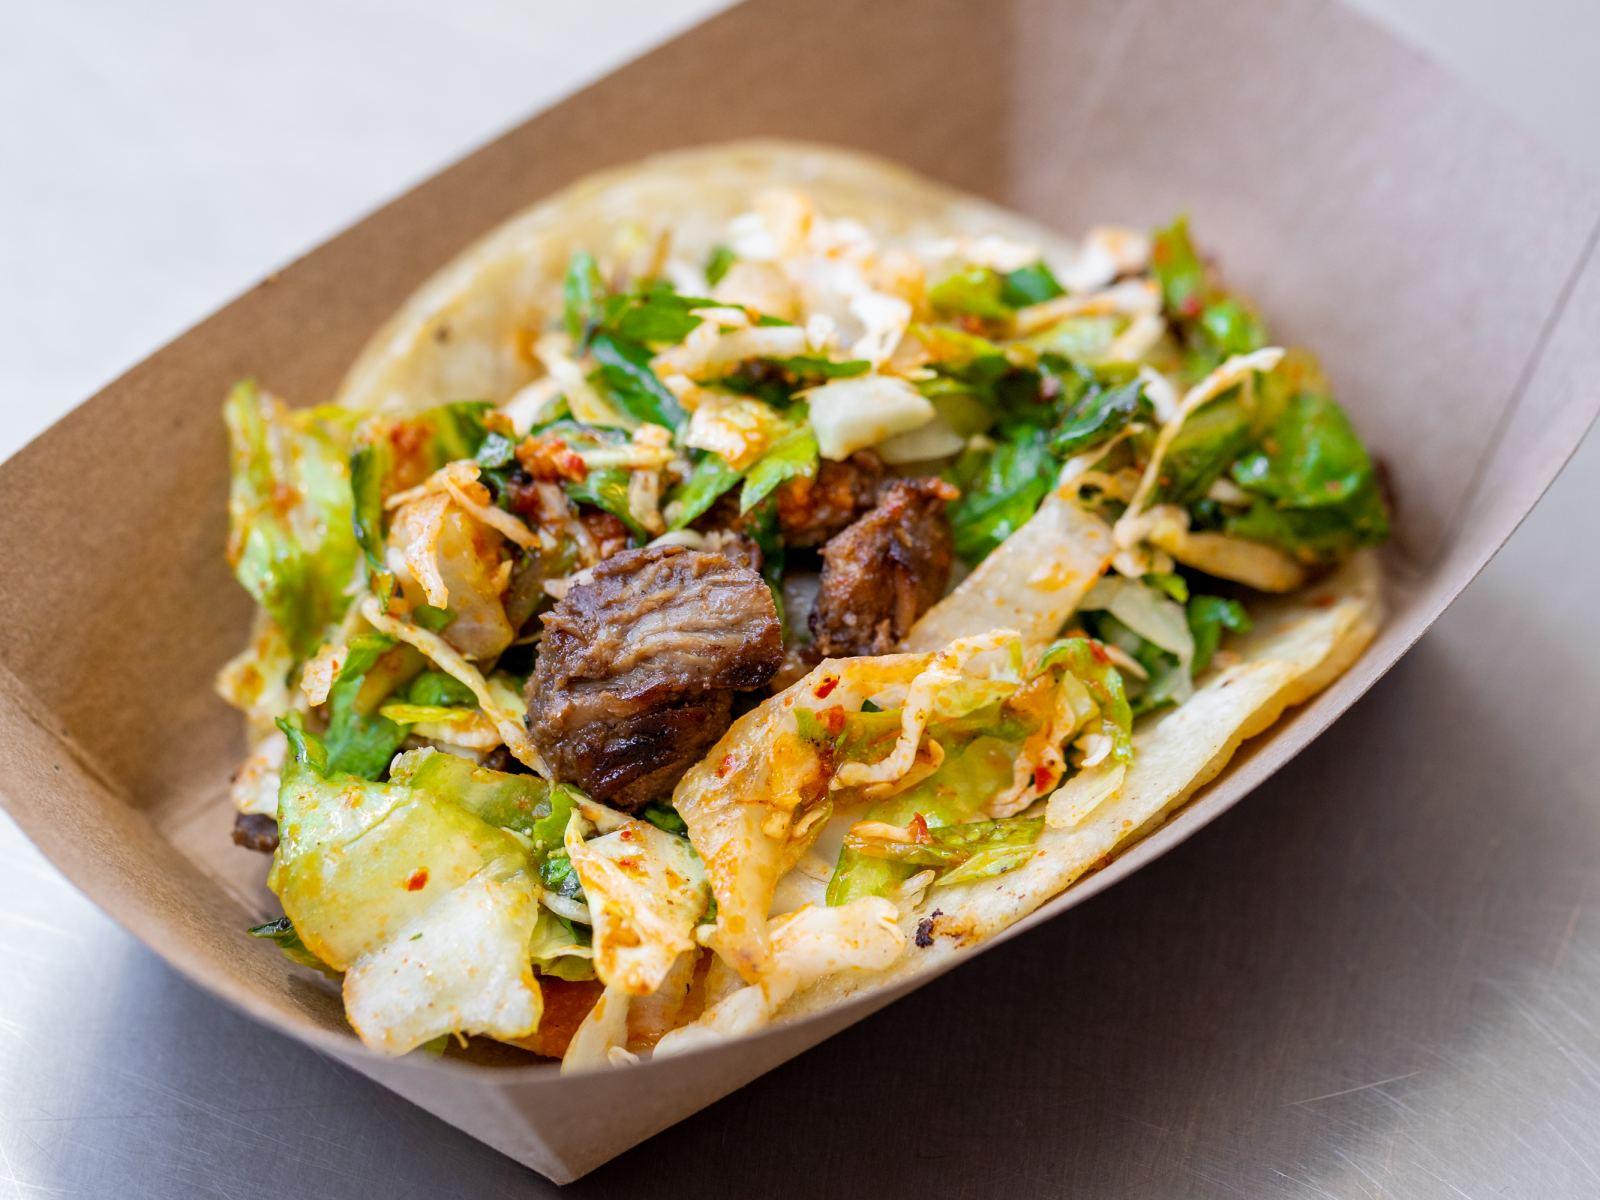 Short rib taco at Kogi Taqueria